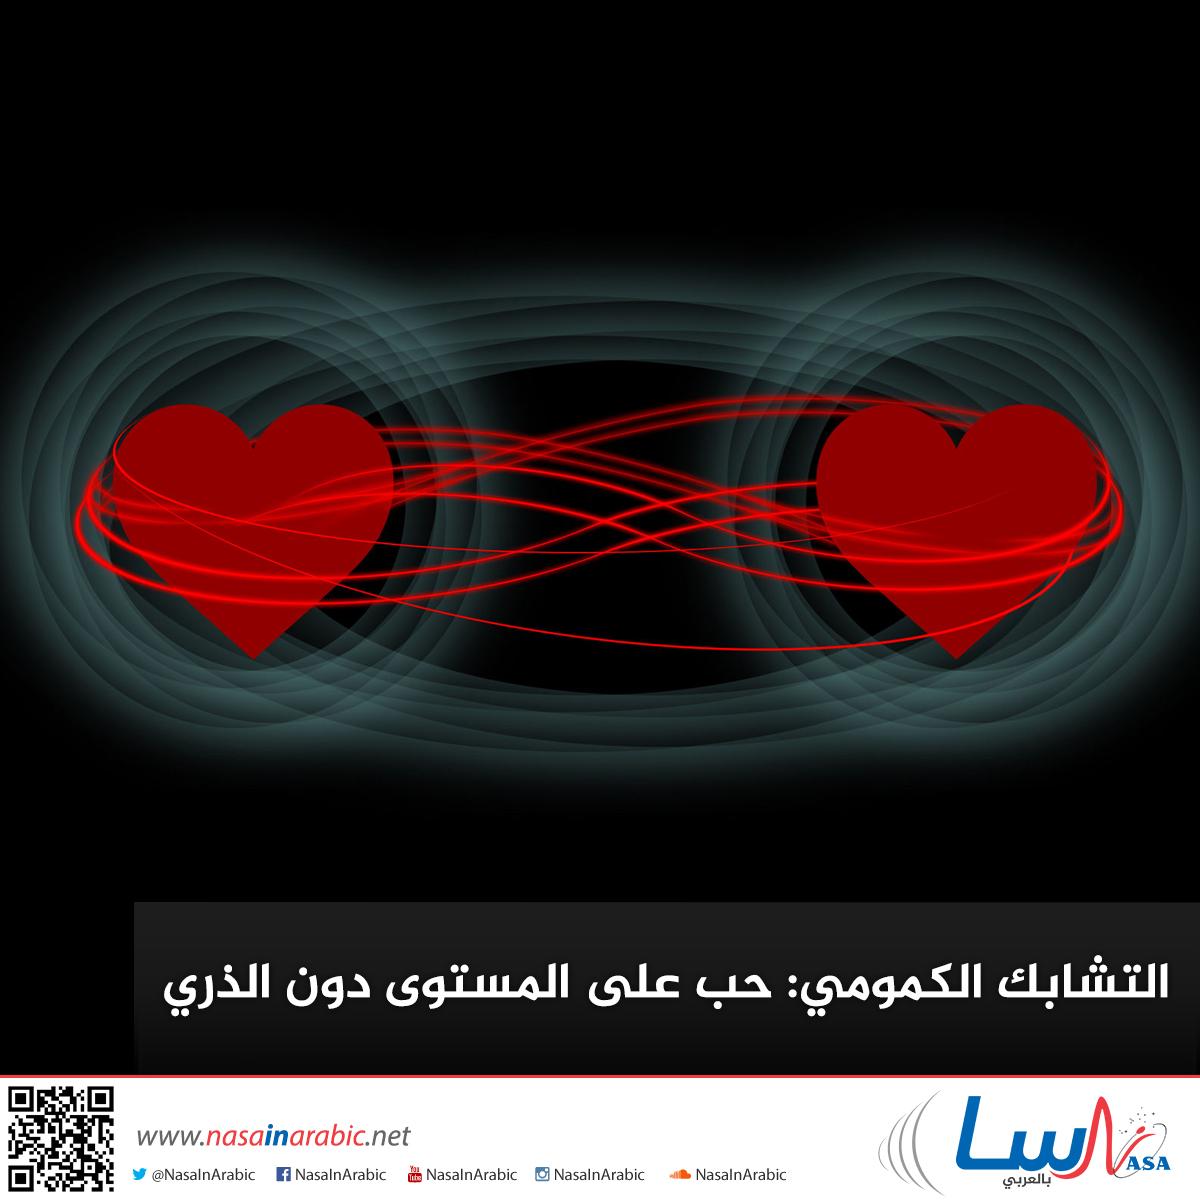 التشابك الكمومي: حب على المستوى دون الذري